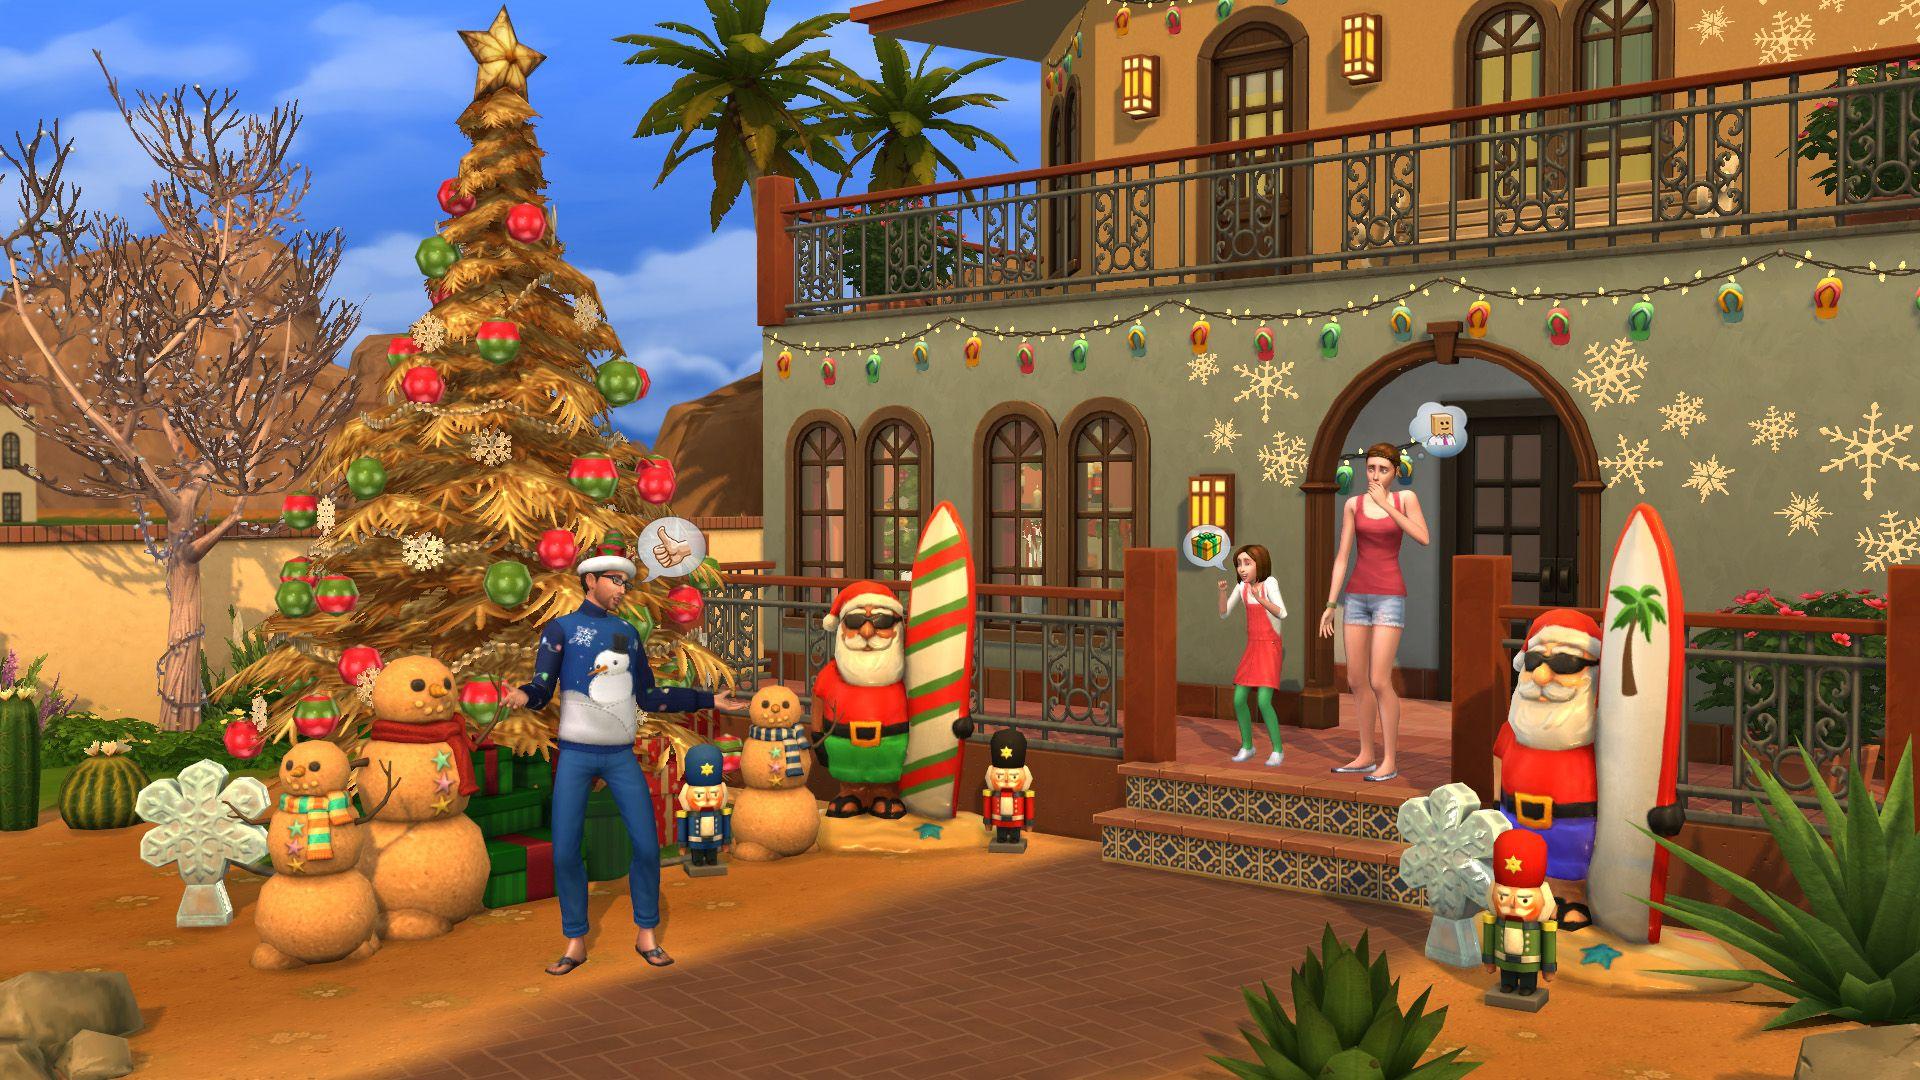 Dodatek The Sims™ 4 Zestaw Świąteczny za darmo Origin